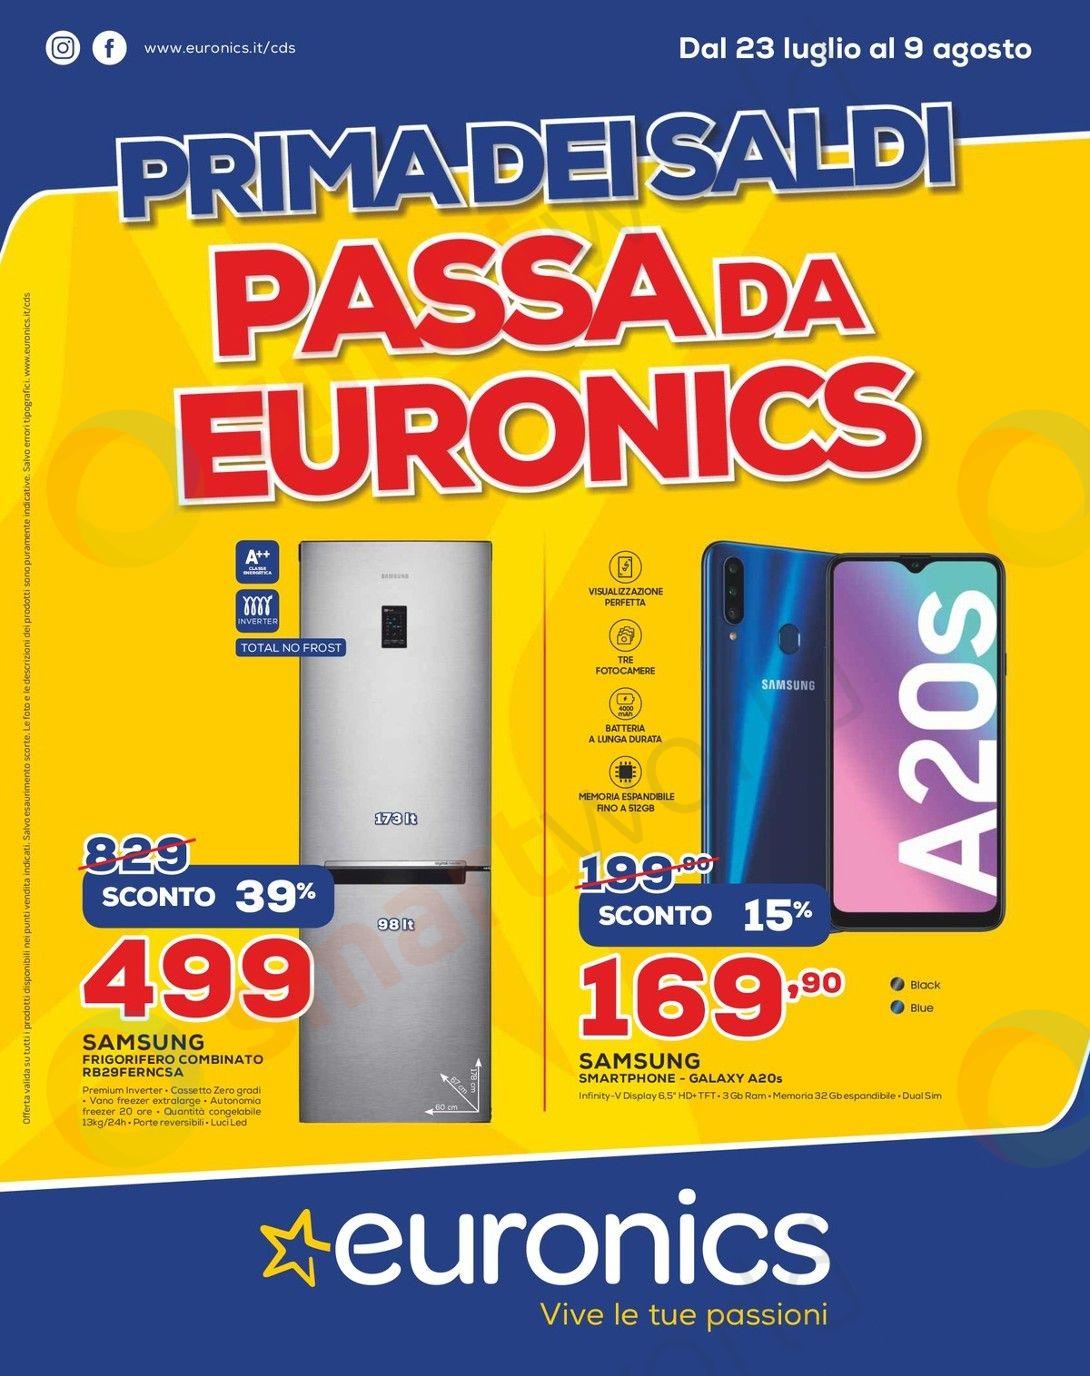 volantino euronics cds 23 luglio 9 agosto 2020 (1)